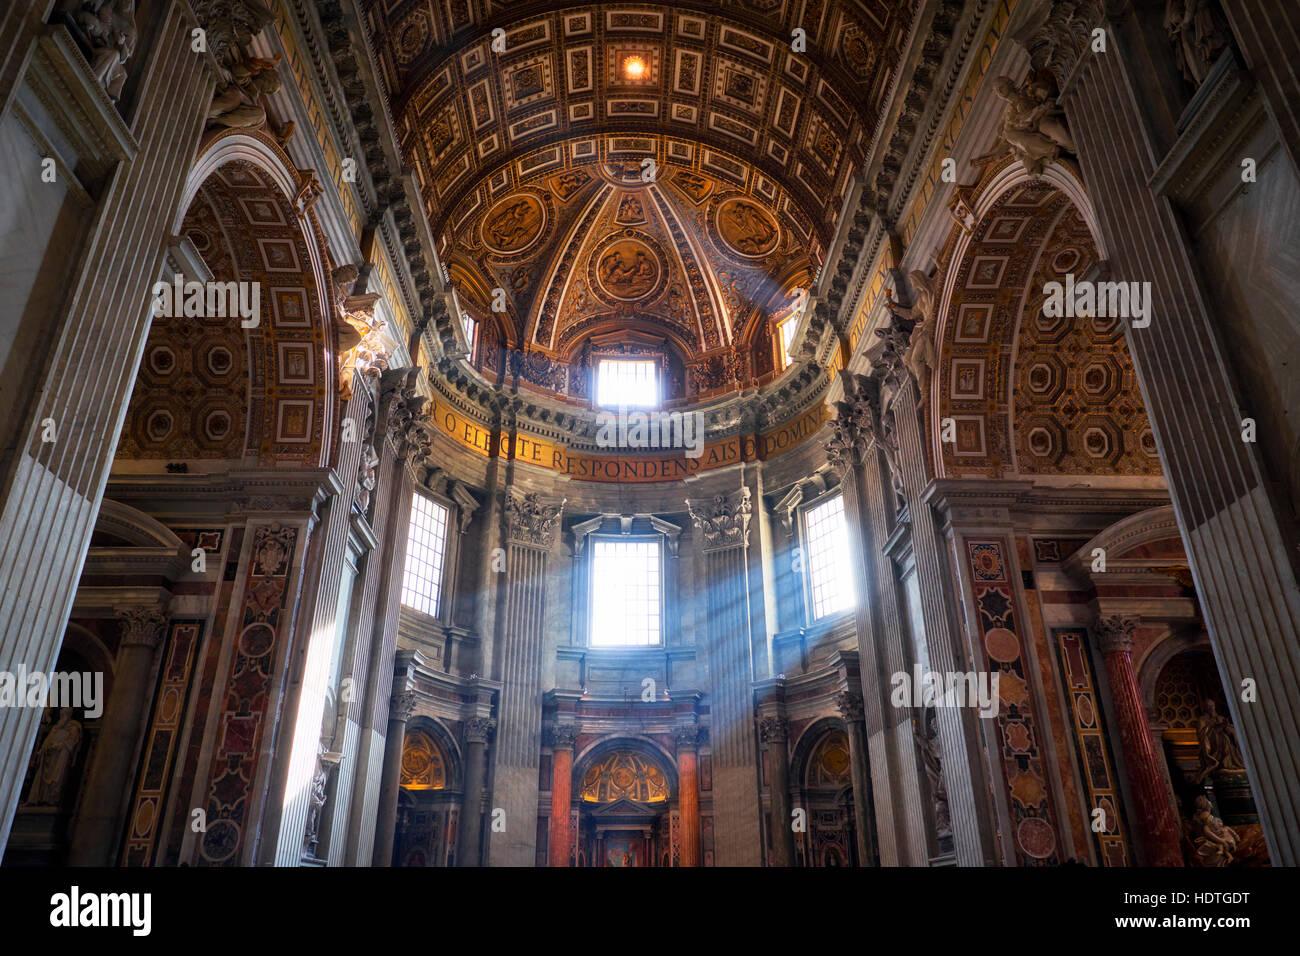 ROME, ITALIE - 12 jan 2016: l'intérieur de la basilique Saint Pierre (San Pietro). Photo Stock